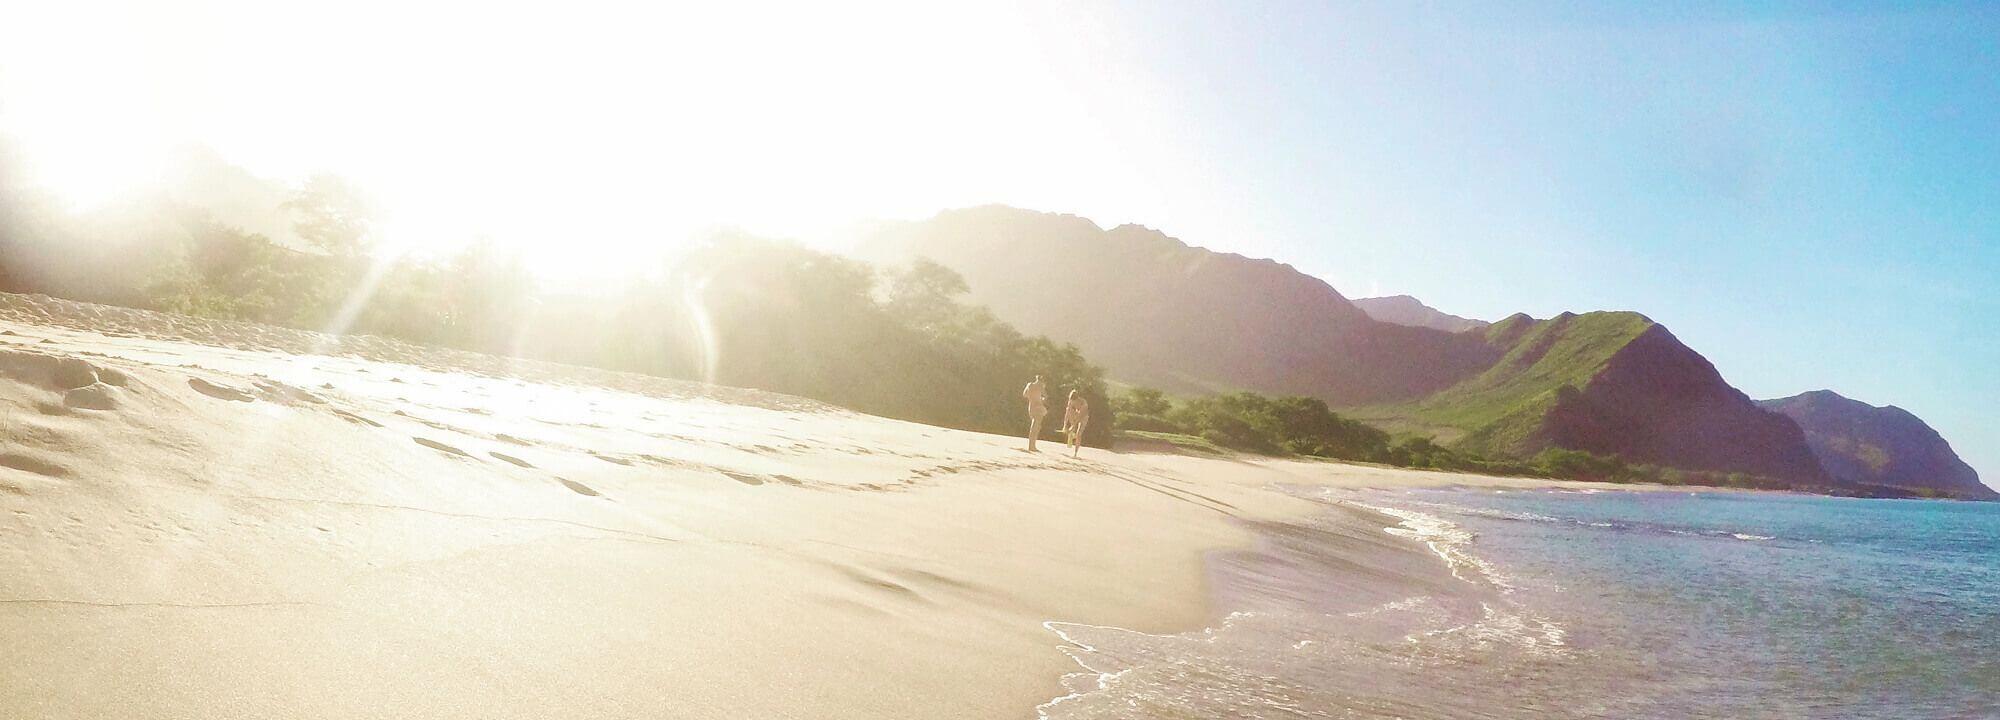 cleo-wichelhaus-erfahrungsbericht-auslandssemester-hawaii